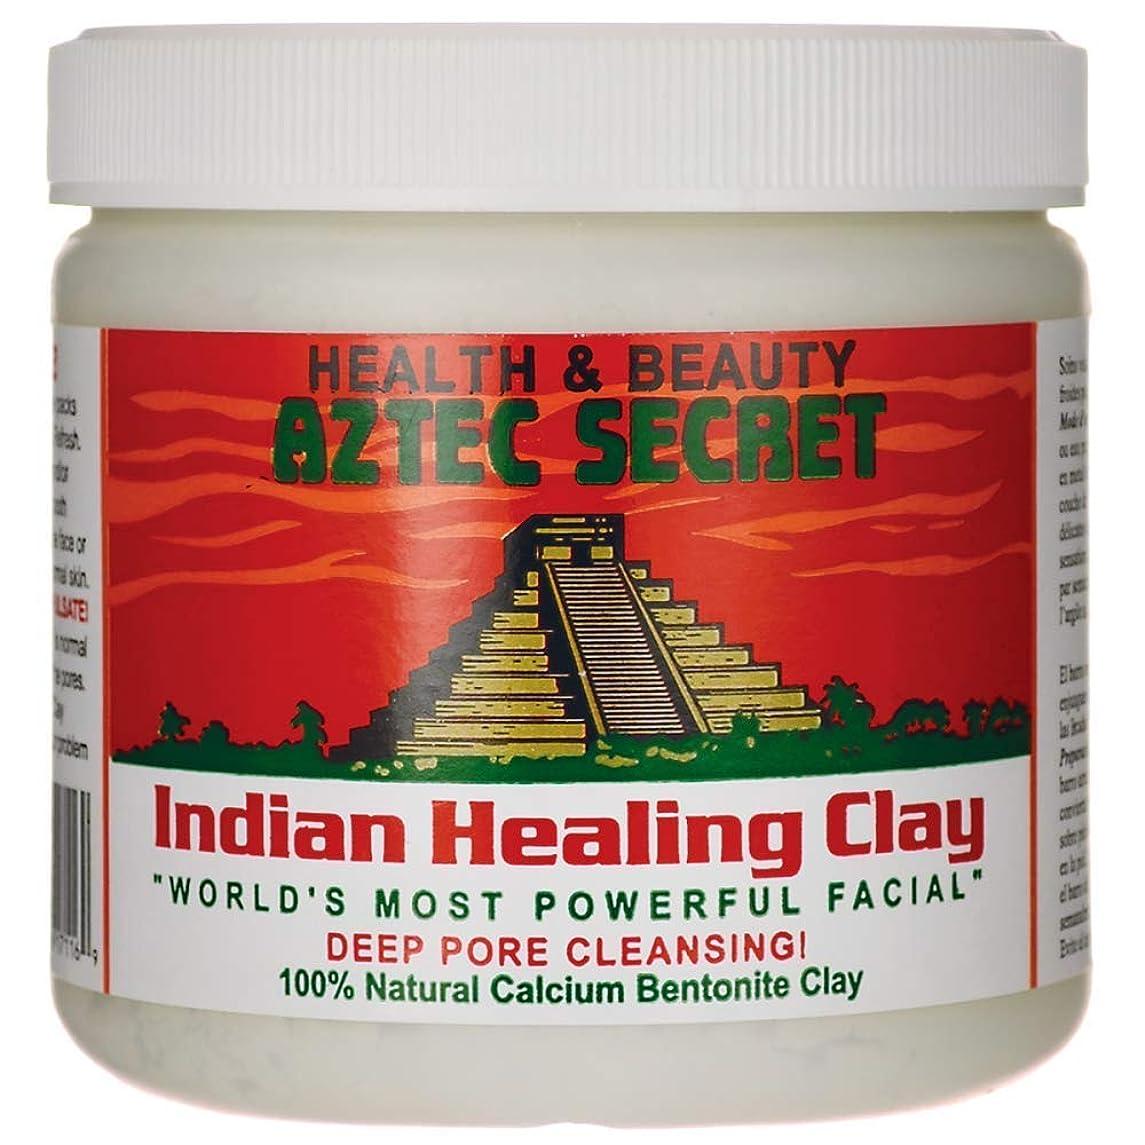 エスカレート疼痛アロングAztec Secret 1 Lbをオリジナルの100%天然カルシウムベントナイト粘土をマスクディープポアクレンジング?フェイシャル&ボディヒーリング 1ポンド